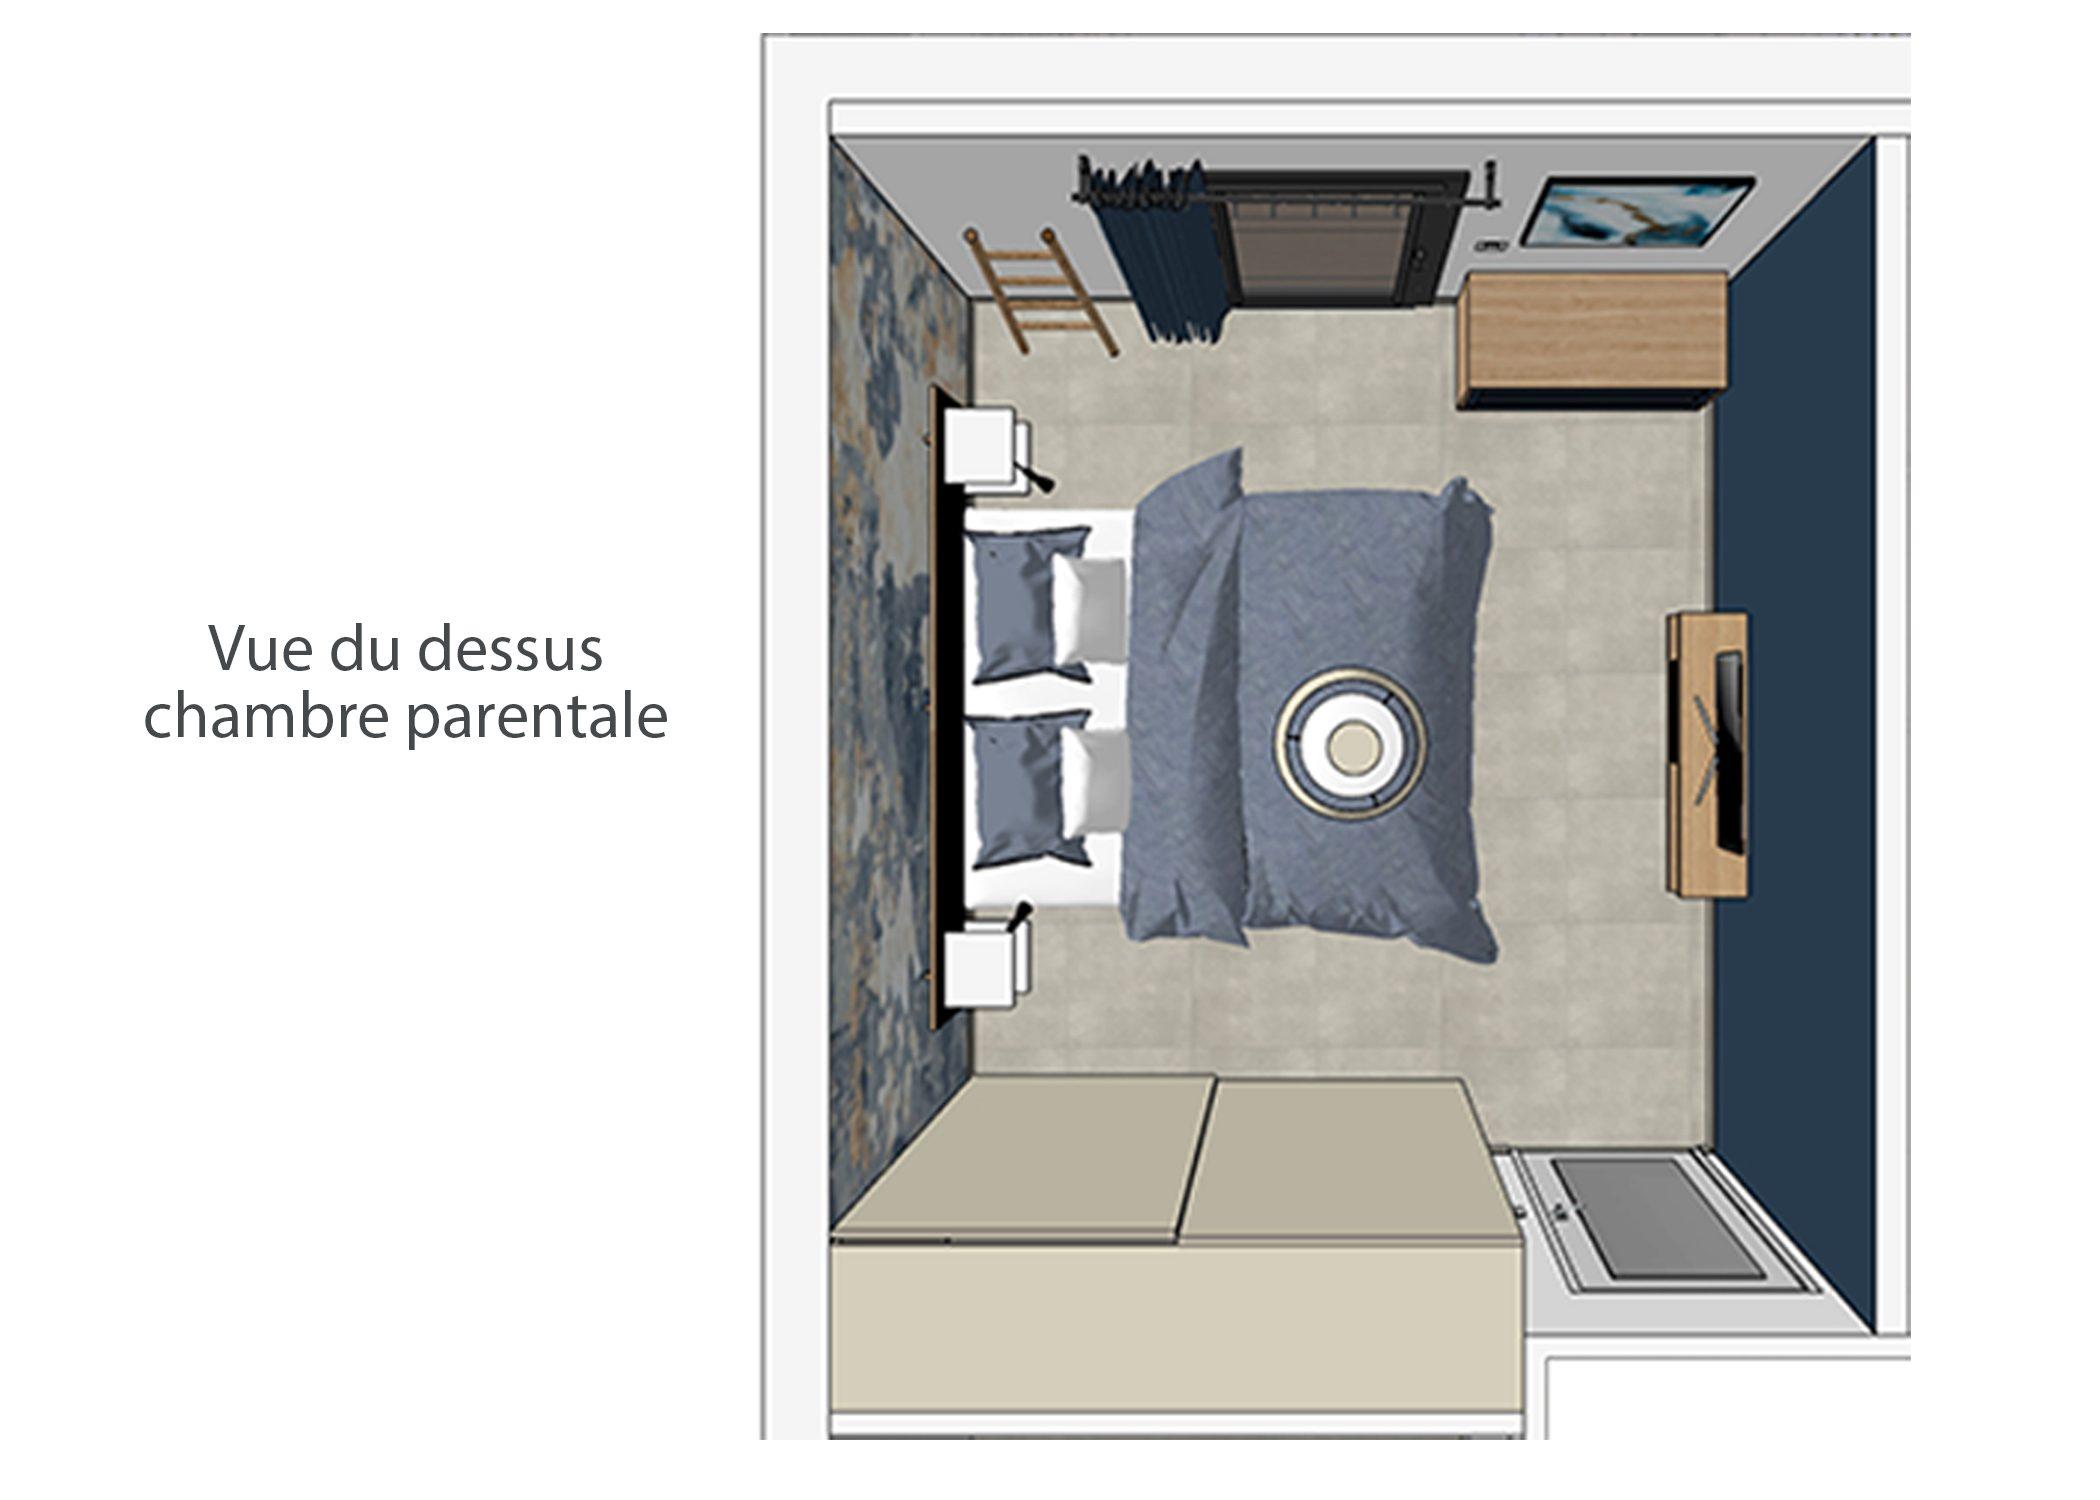 decoration-terrasse et chambre-vue du dessus chambre-aix-en-provence-dekho design